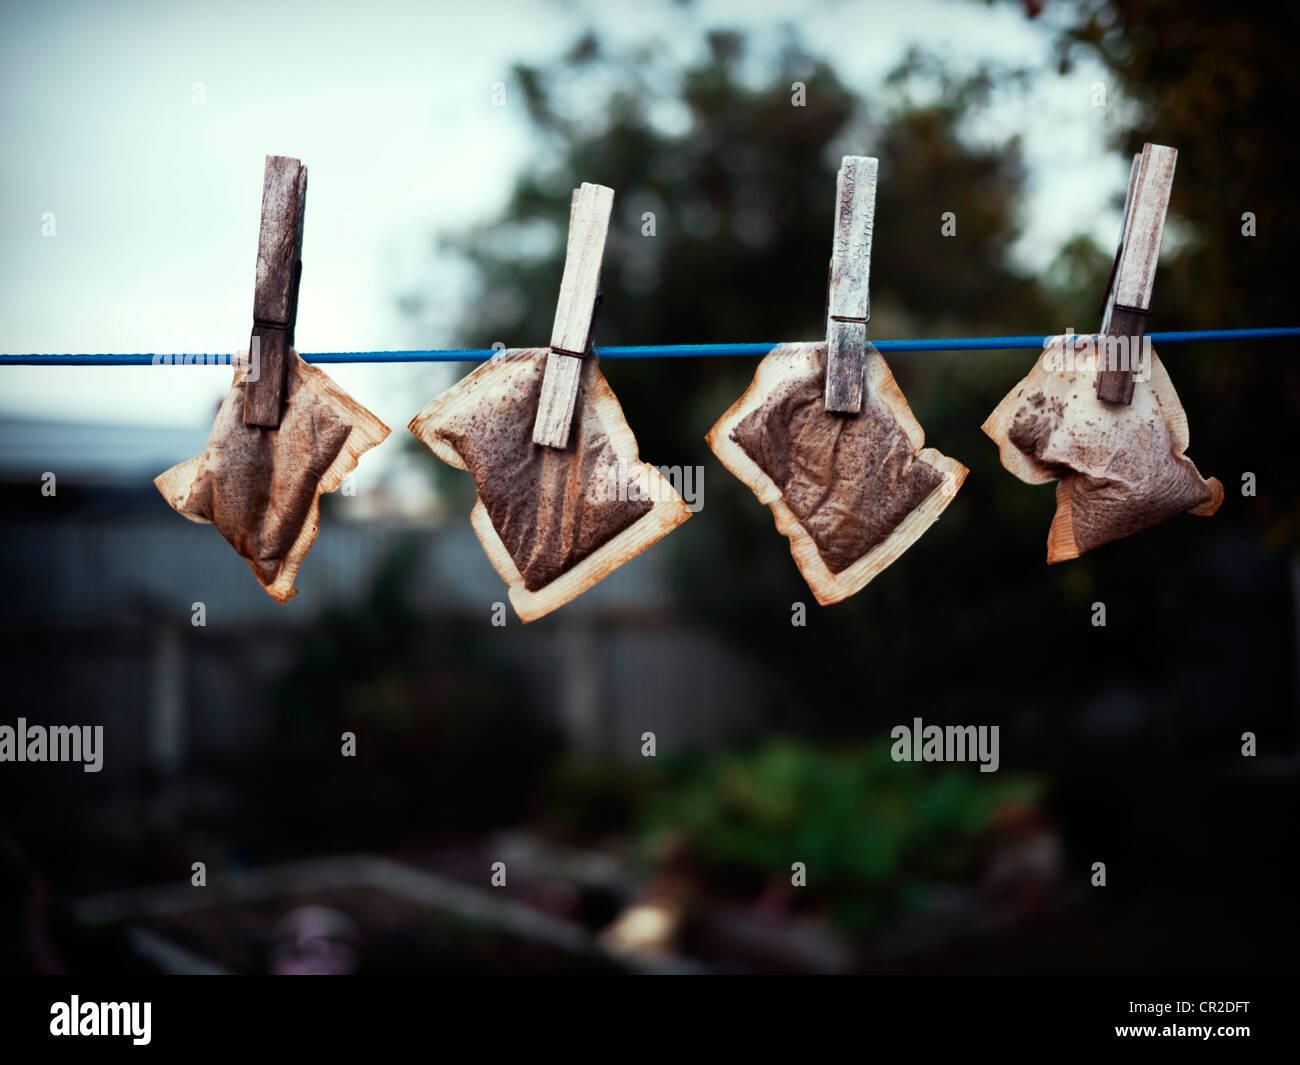 La nueva economía: secado teabags en línea de lavado para su reutilización. Imagen De Stock